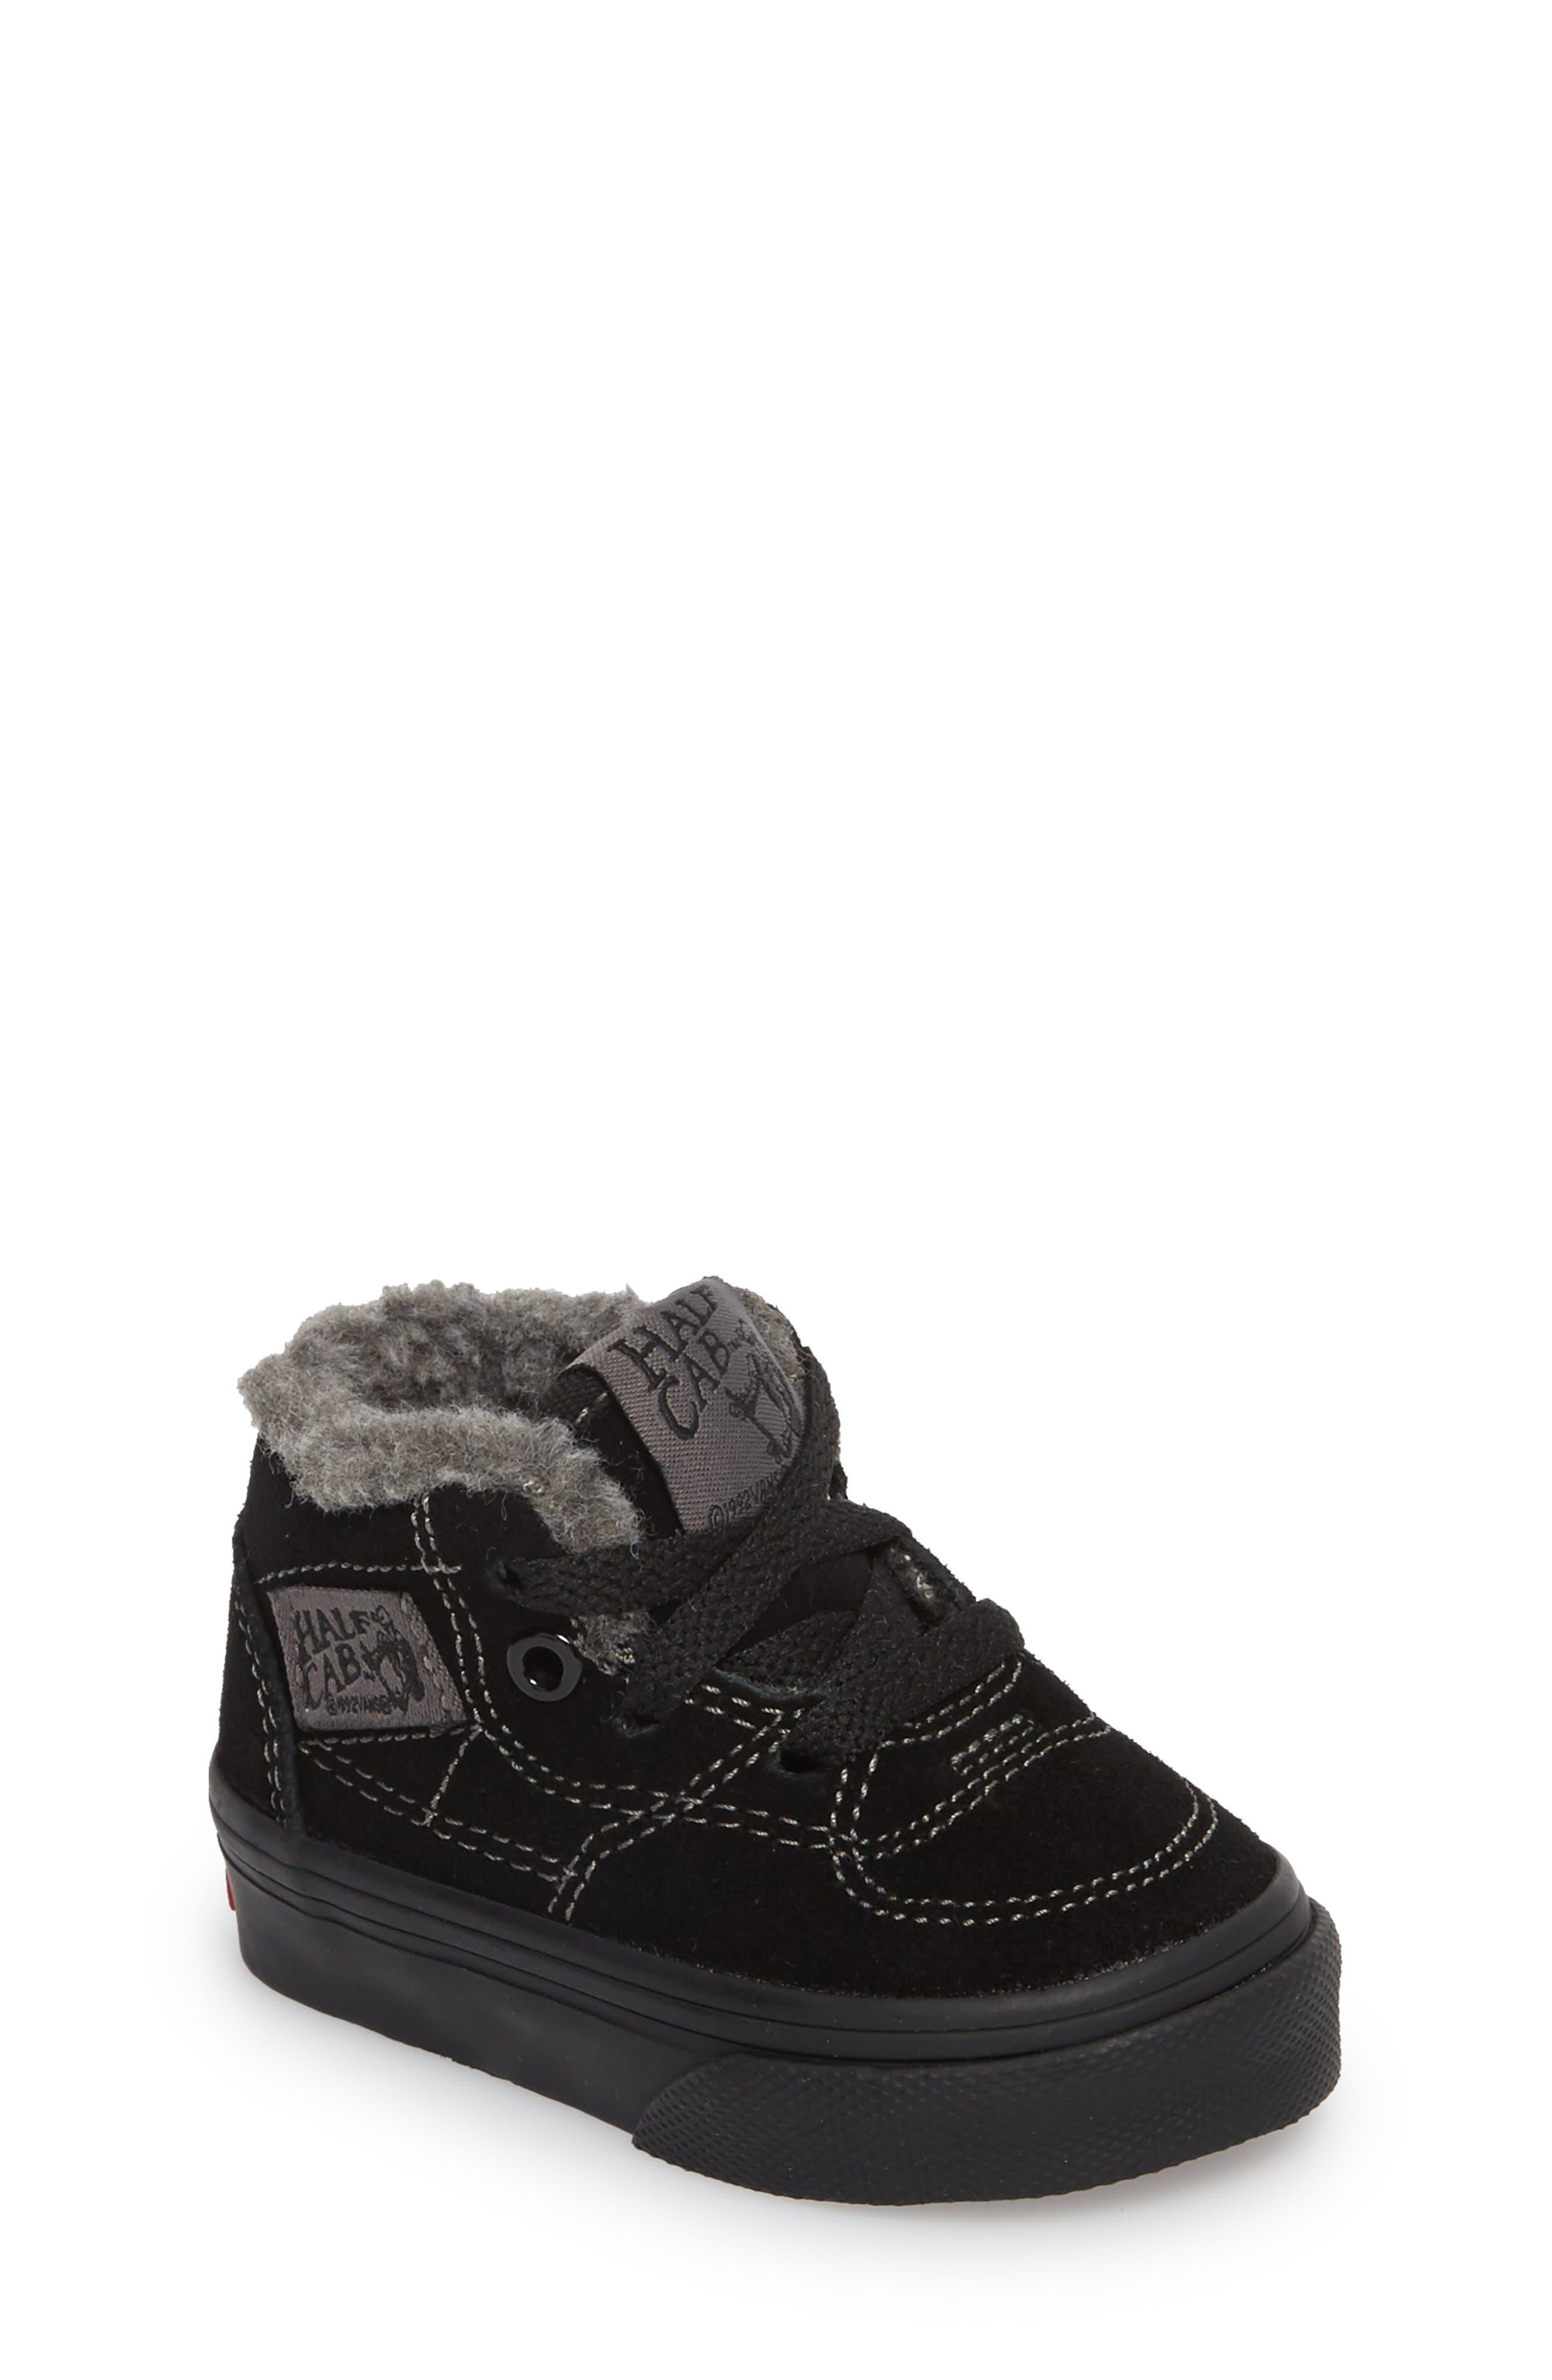 Half Cab Sneaker,                         Main,                         color, 001